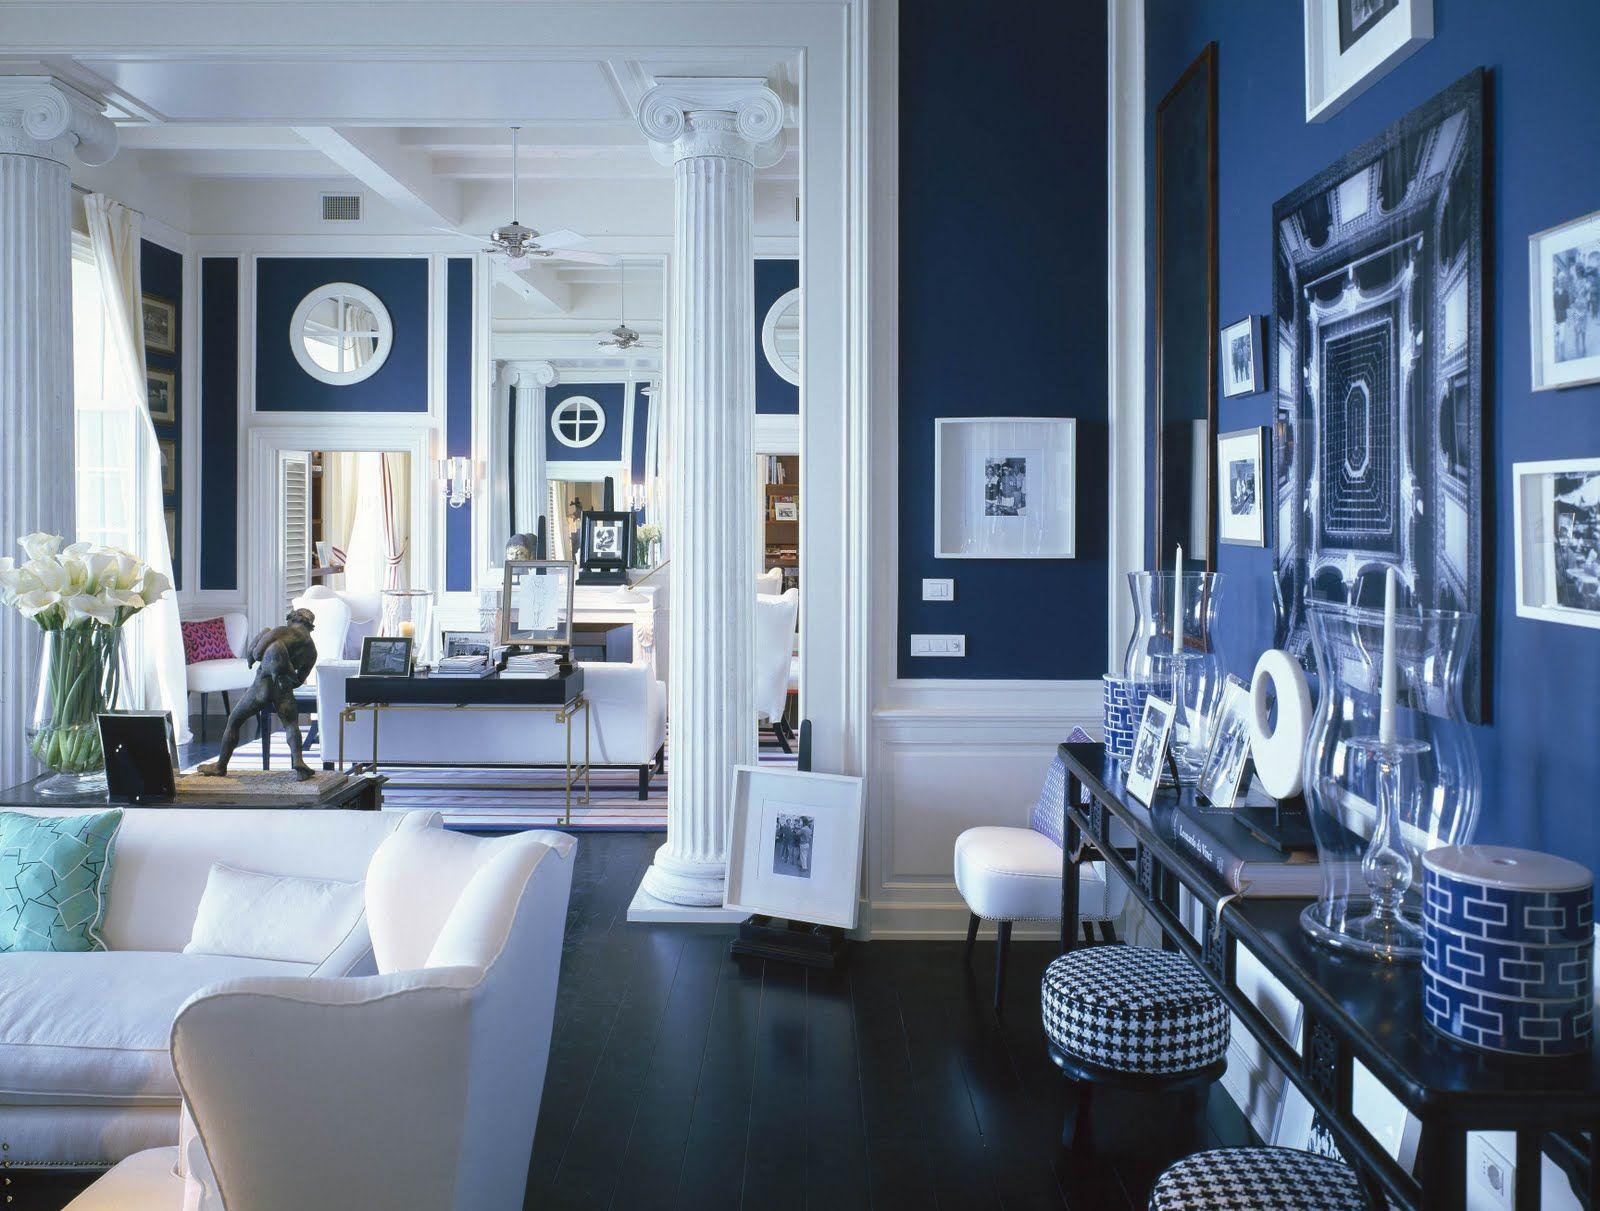 Синий и белый цвета в интерьере дома